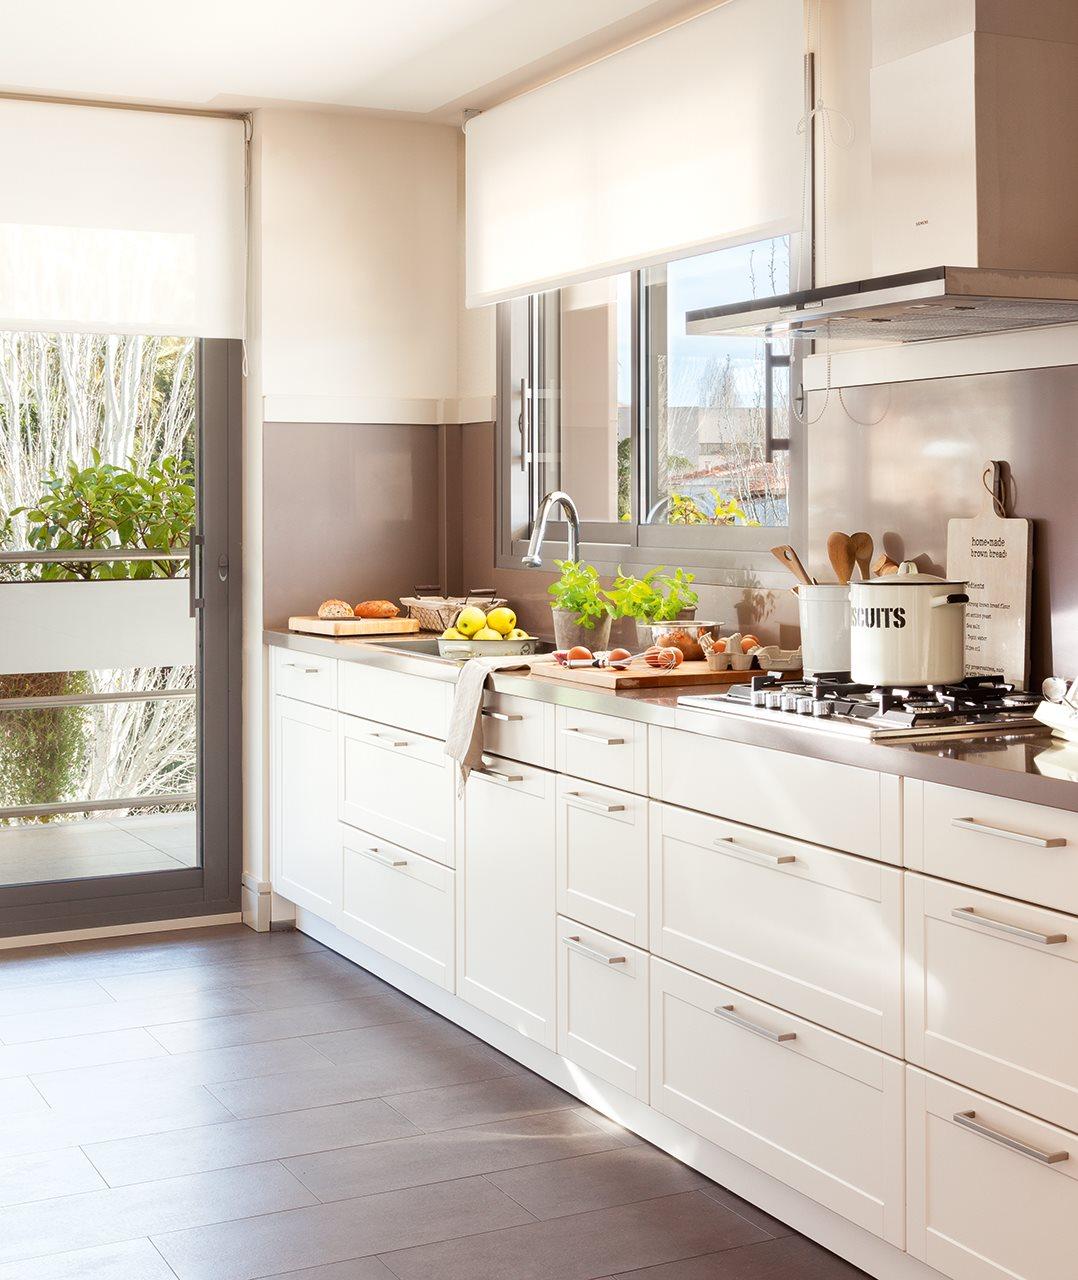 Cocinas peque as pero hermosas - Aprovechar cocinas pequenas ...